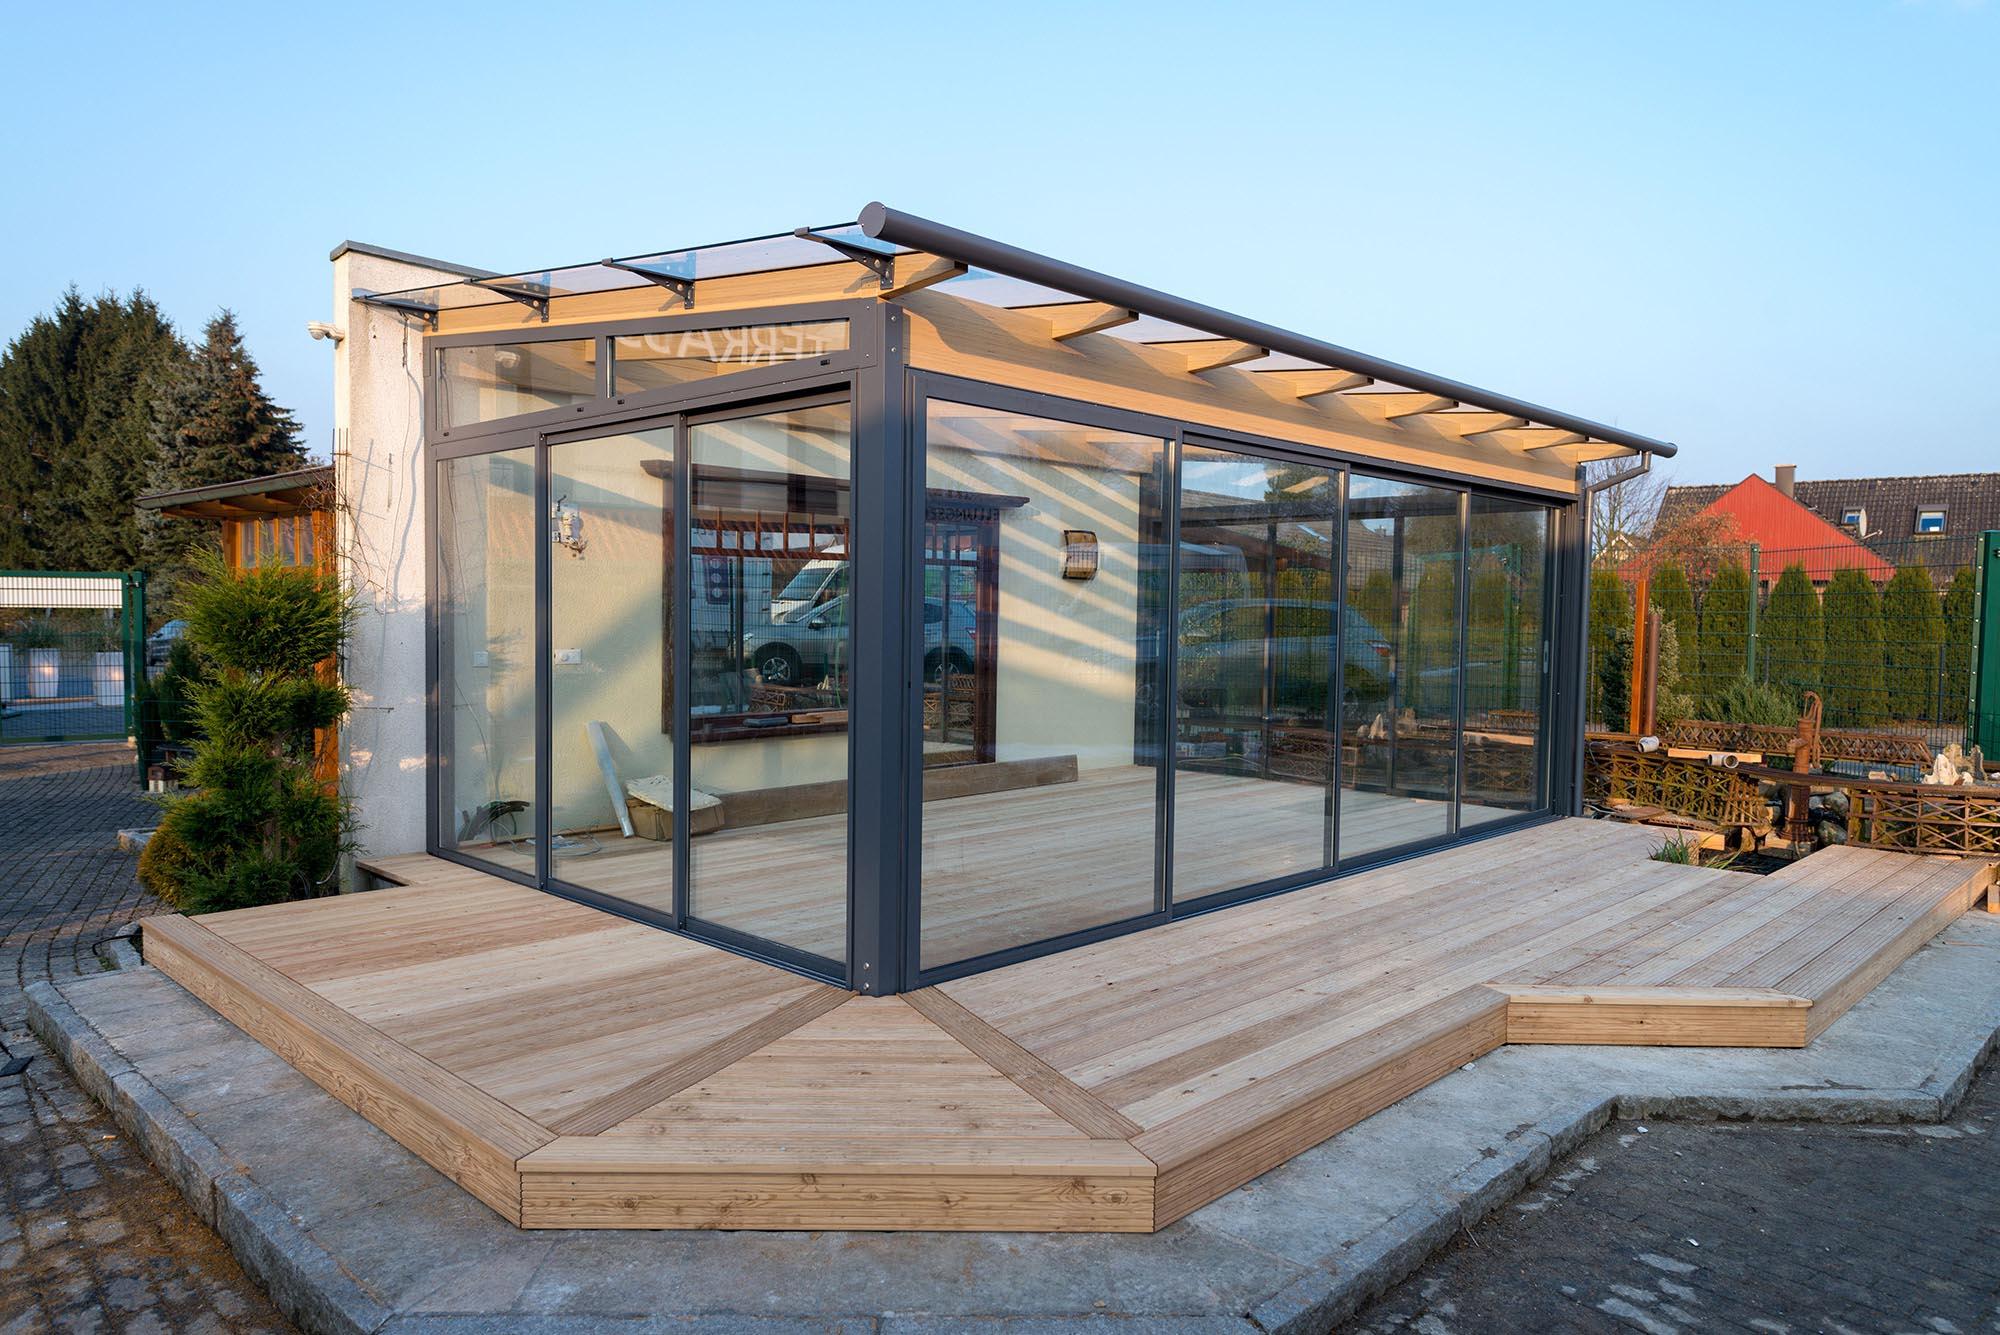 Sommergarten, Wintergarten und Terrassendachausstellung in Braak bei Hamburg | Hersteller: SchulzeBraak